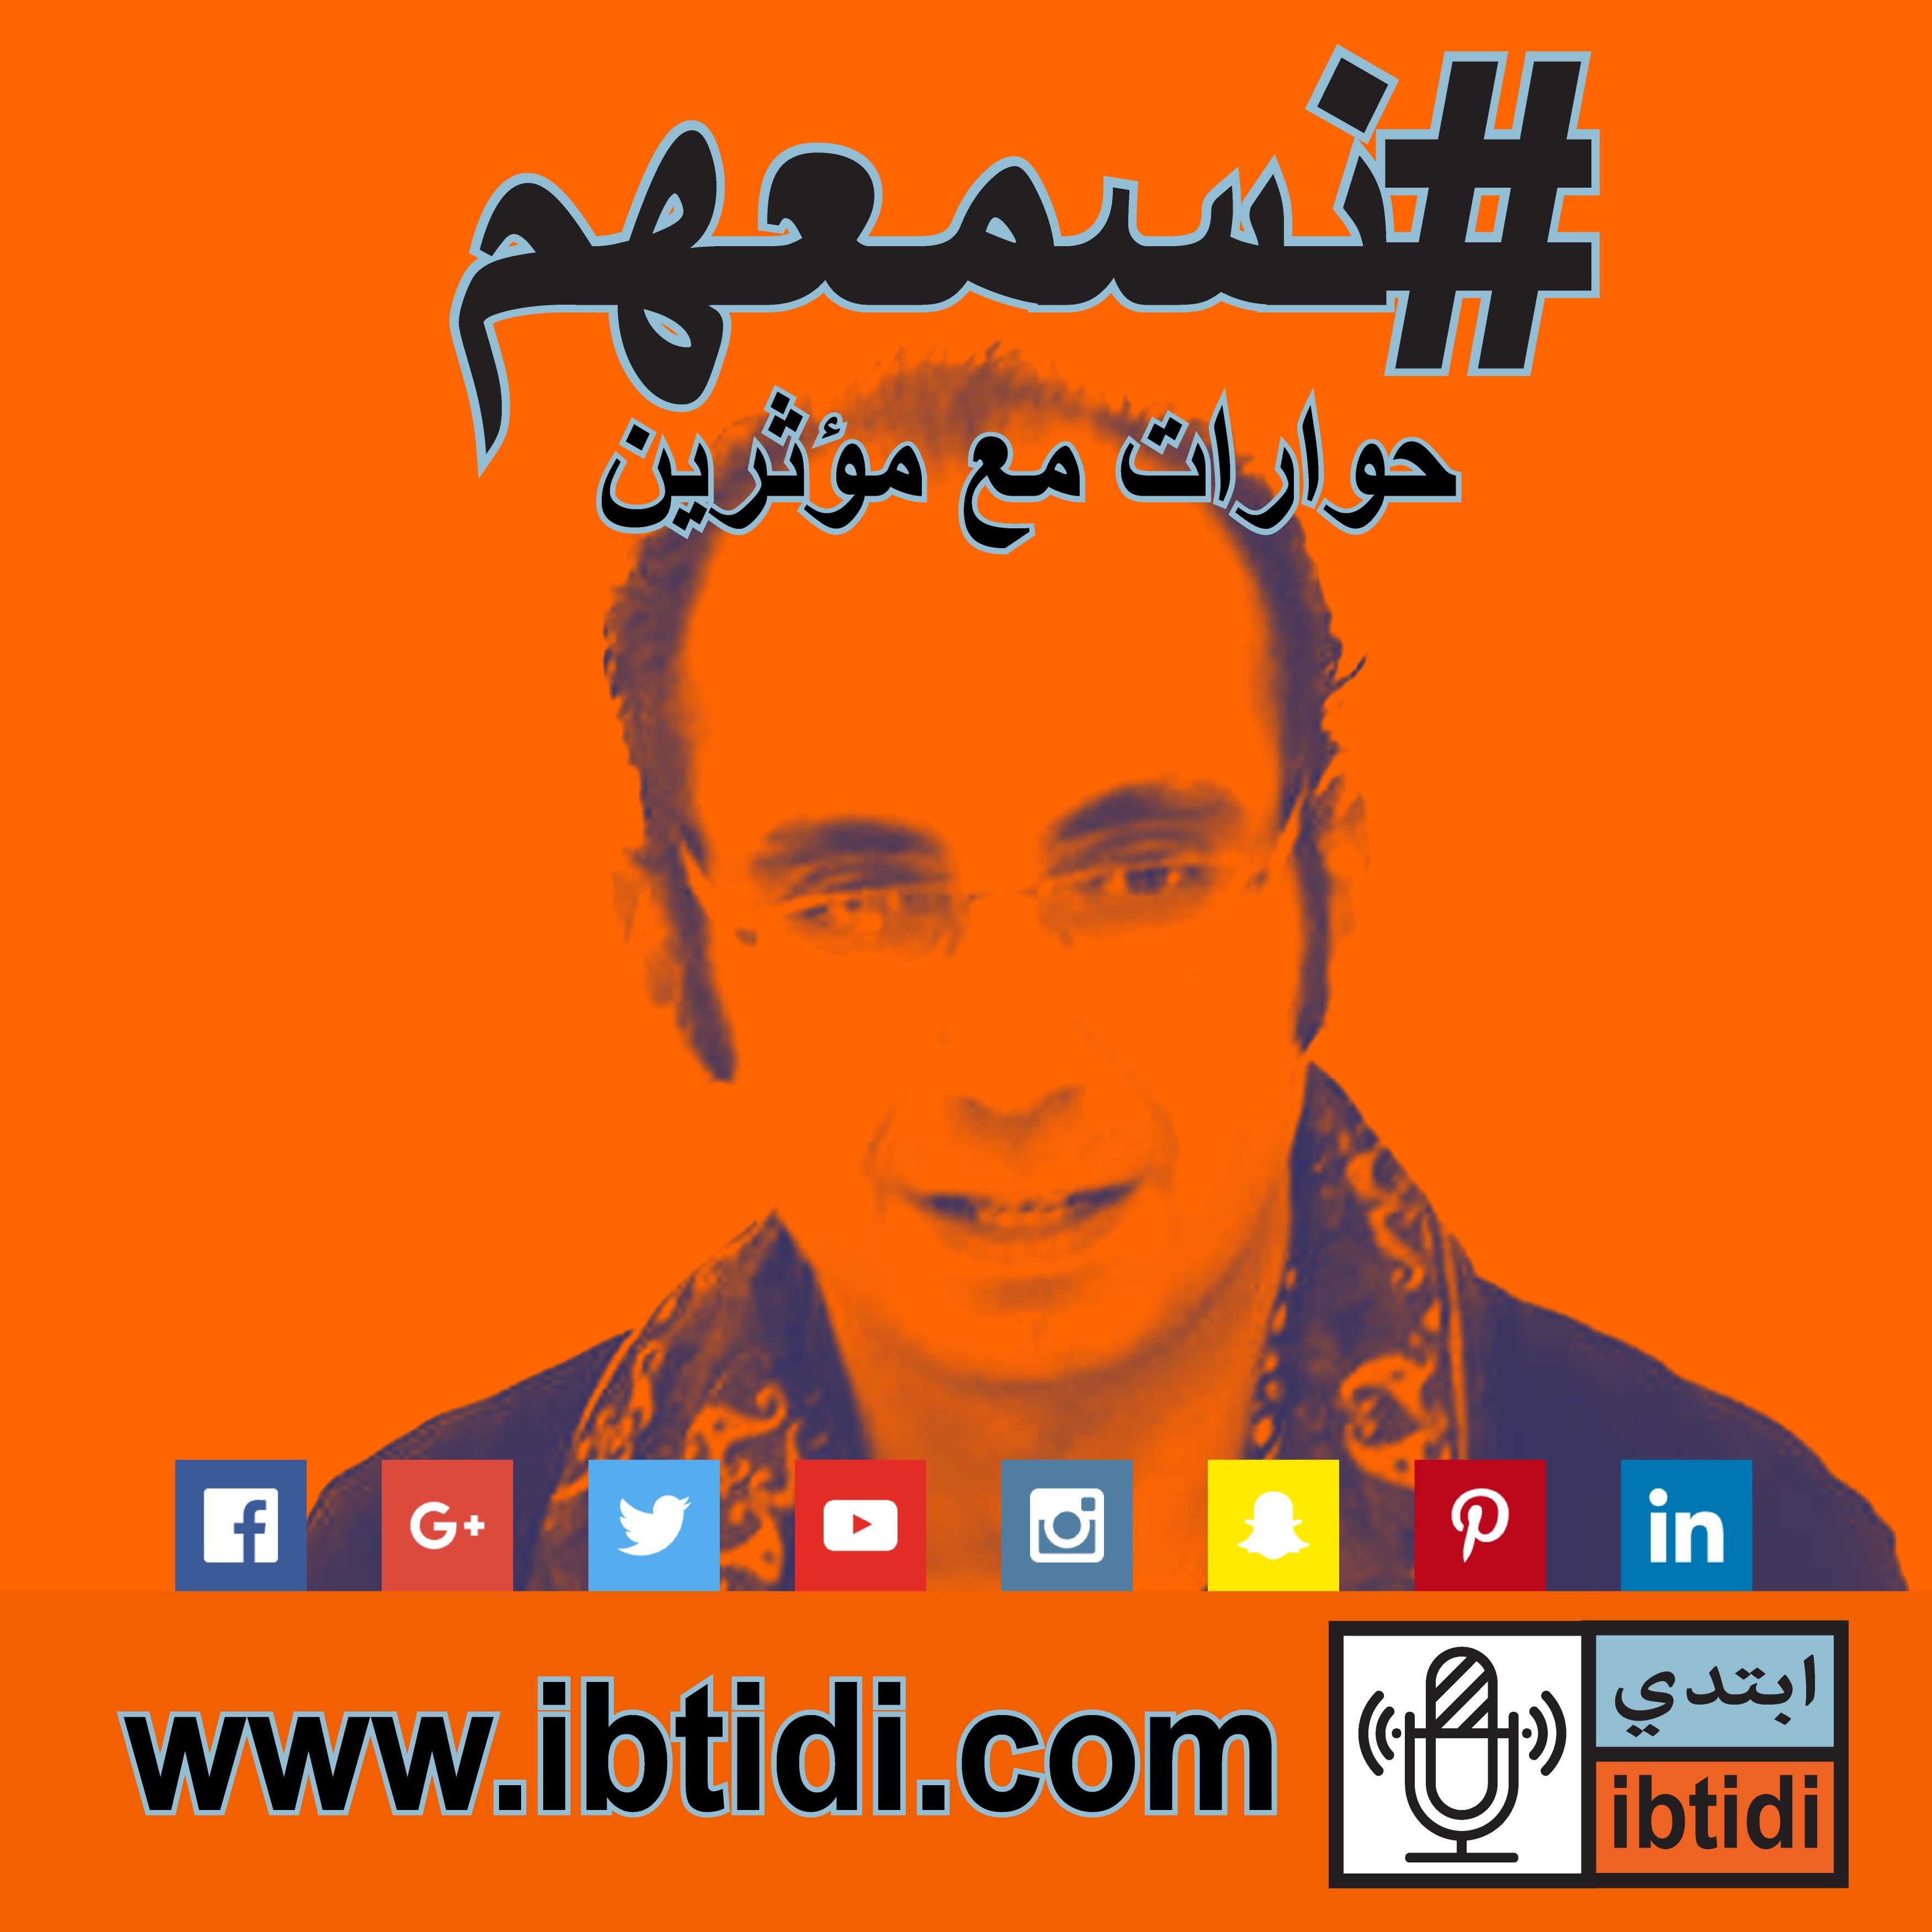 برنامج #نسمعهم - حلقة ٠١٠- كريم الحيوان - عن التصوير في الشارع و مستقبل عبثي